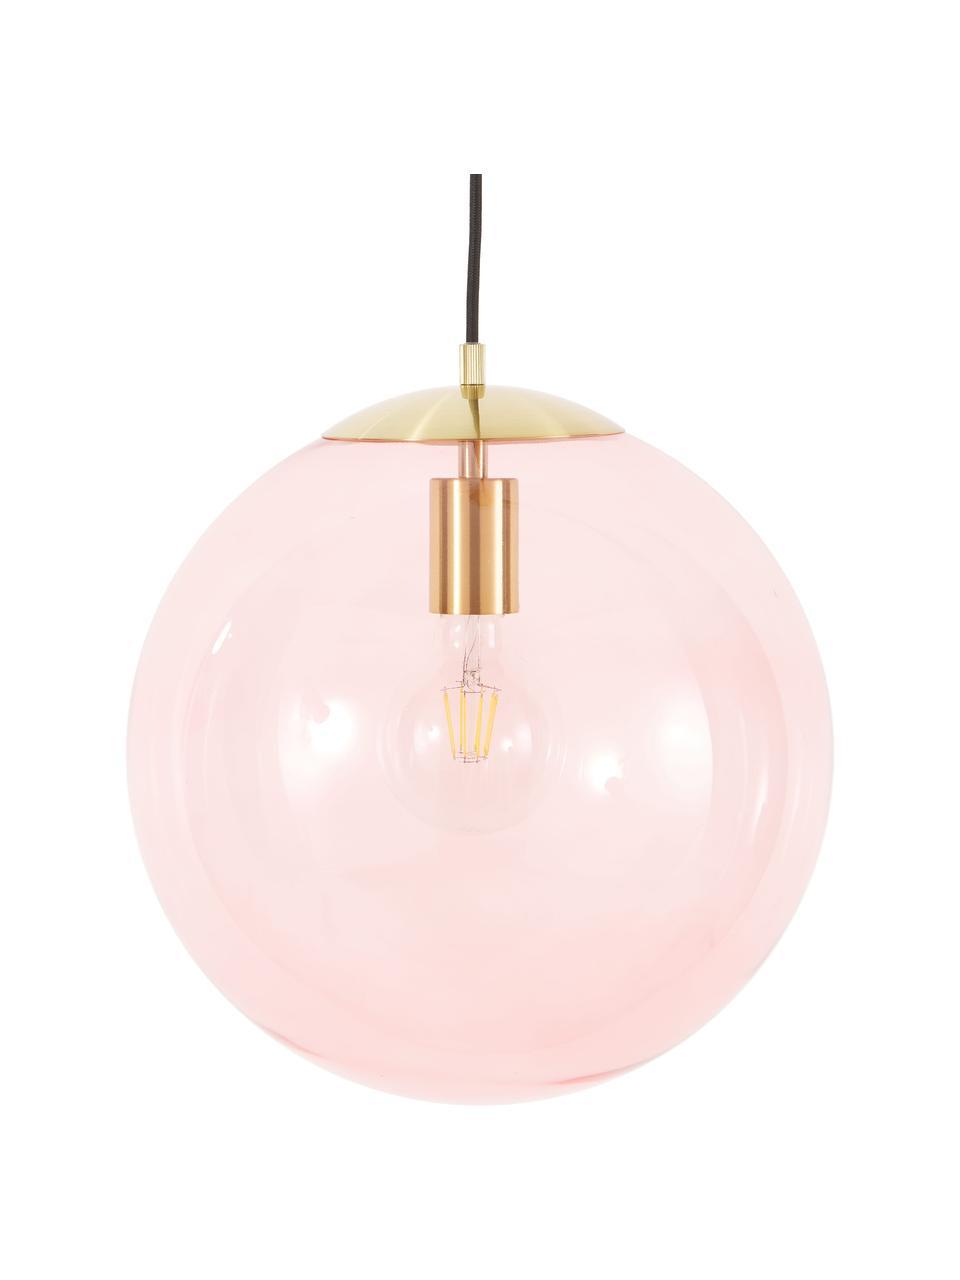 Pendelleuchte Bao aus Glas, Lampenschirm: Glas, Baldachin: Metall, galvanisiert, Rosa, Ø 35 cm